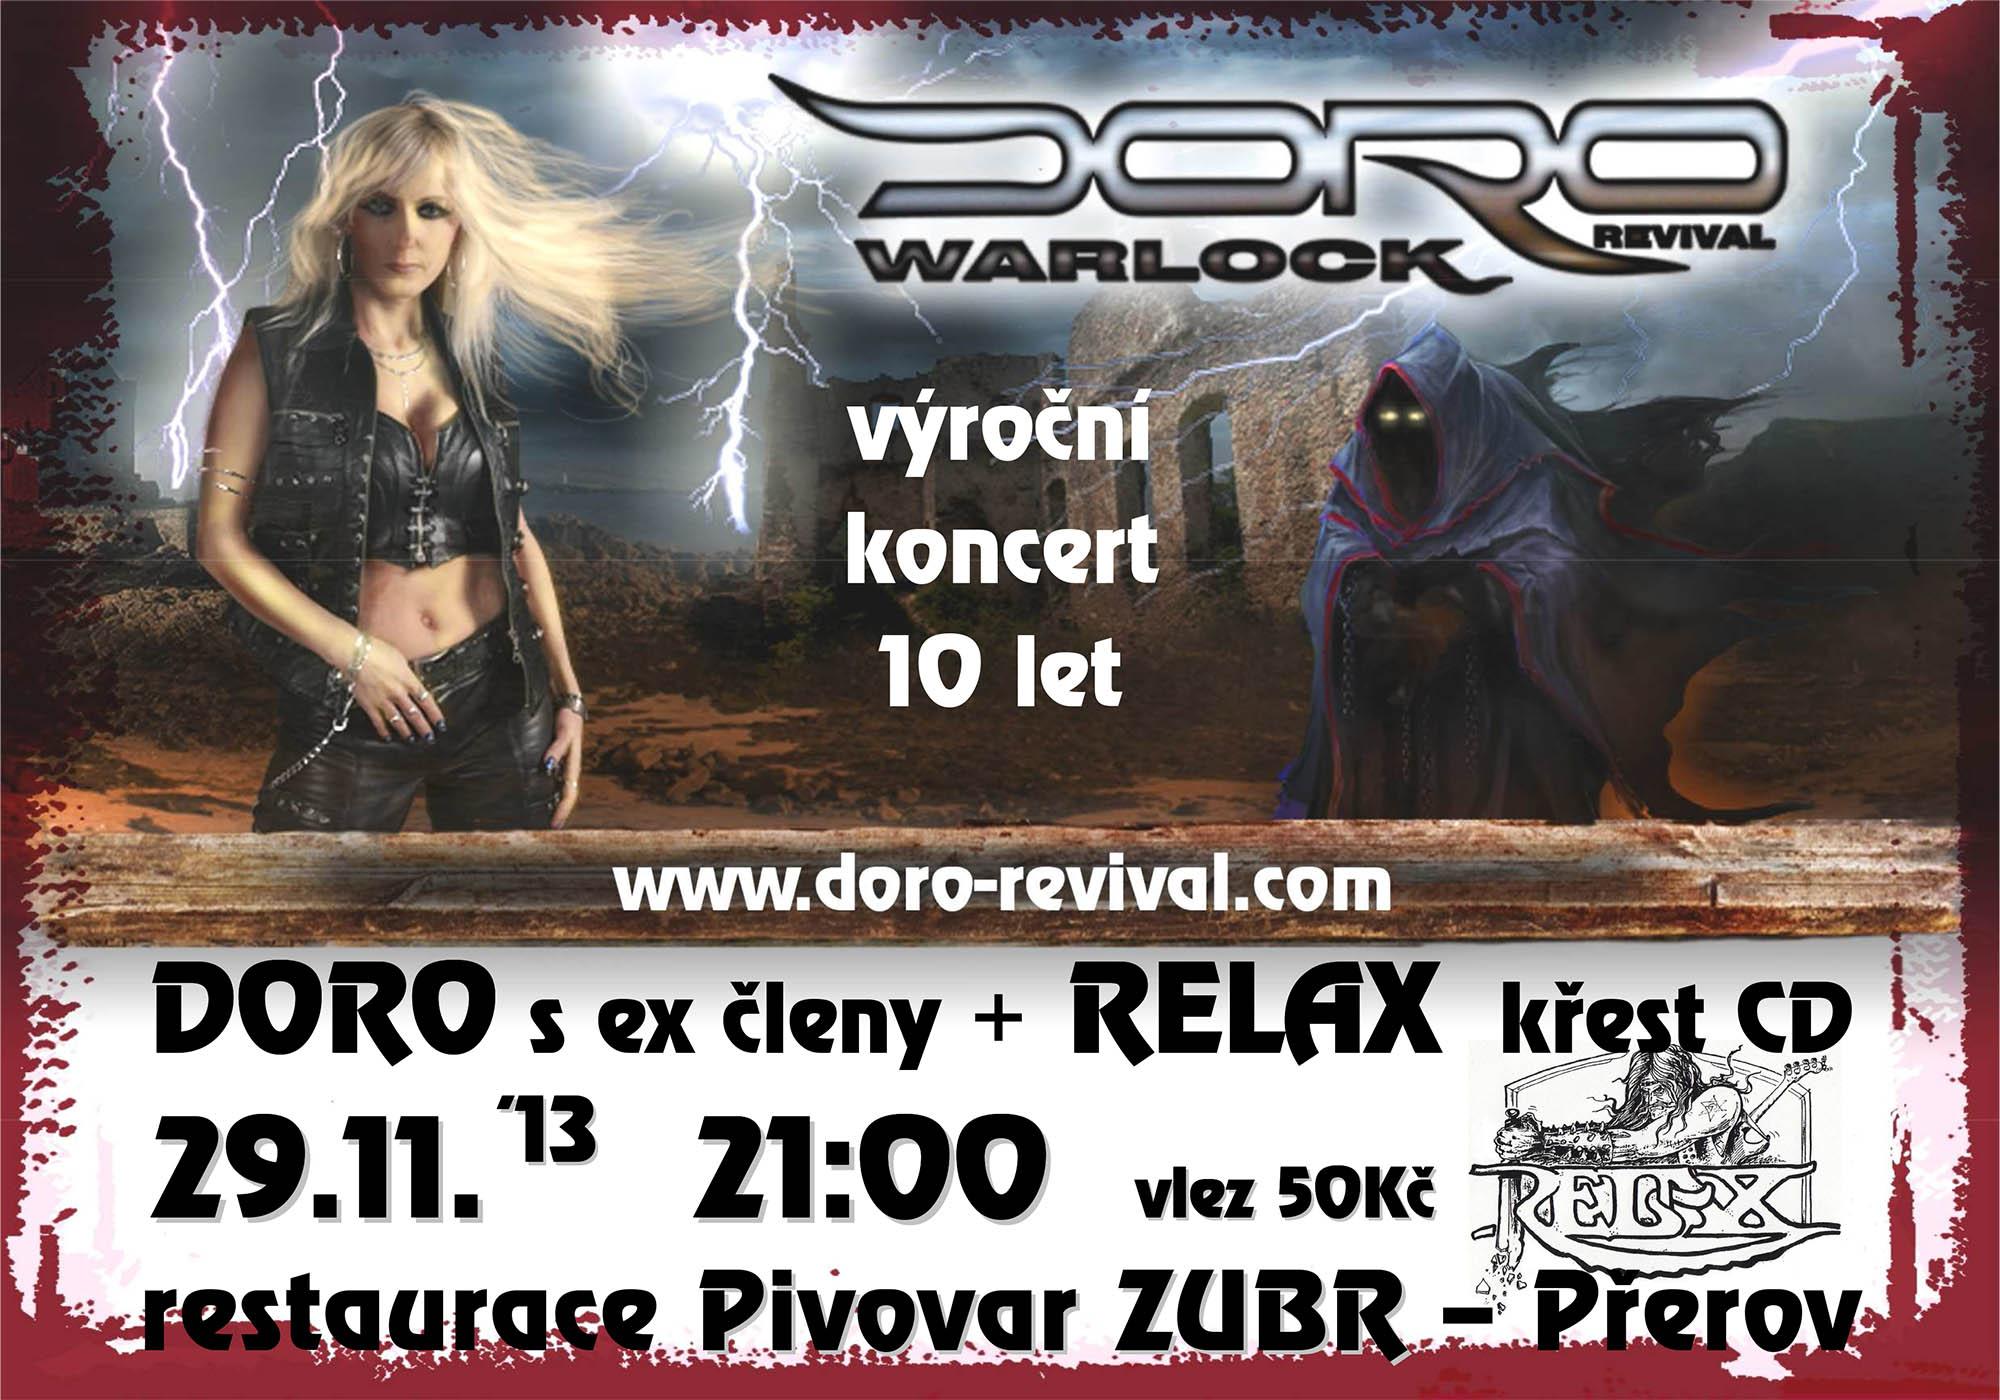 DORO REVIVAL - Vánoční koncert v Přerově